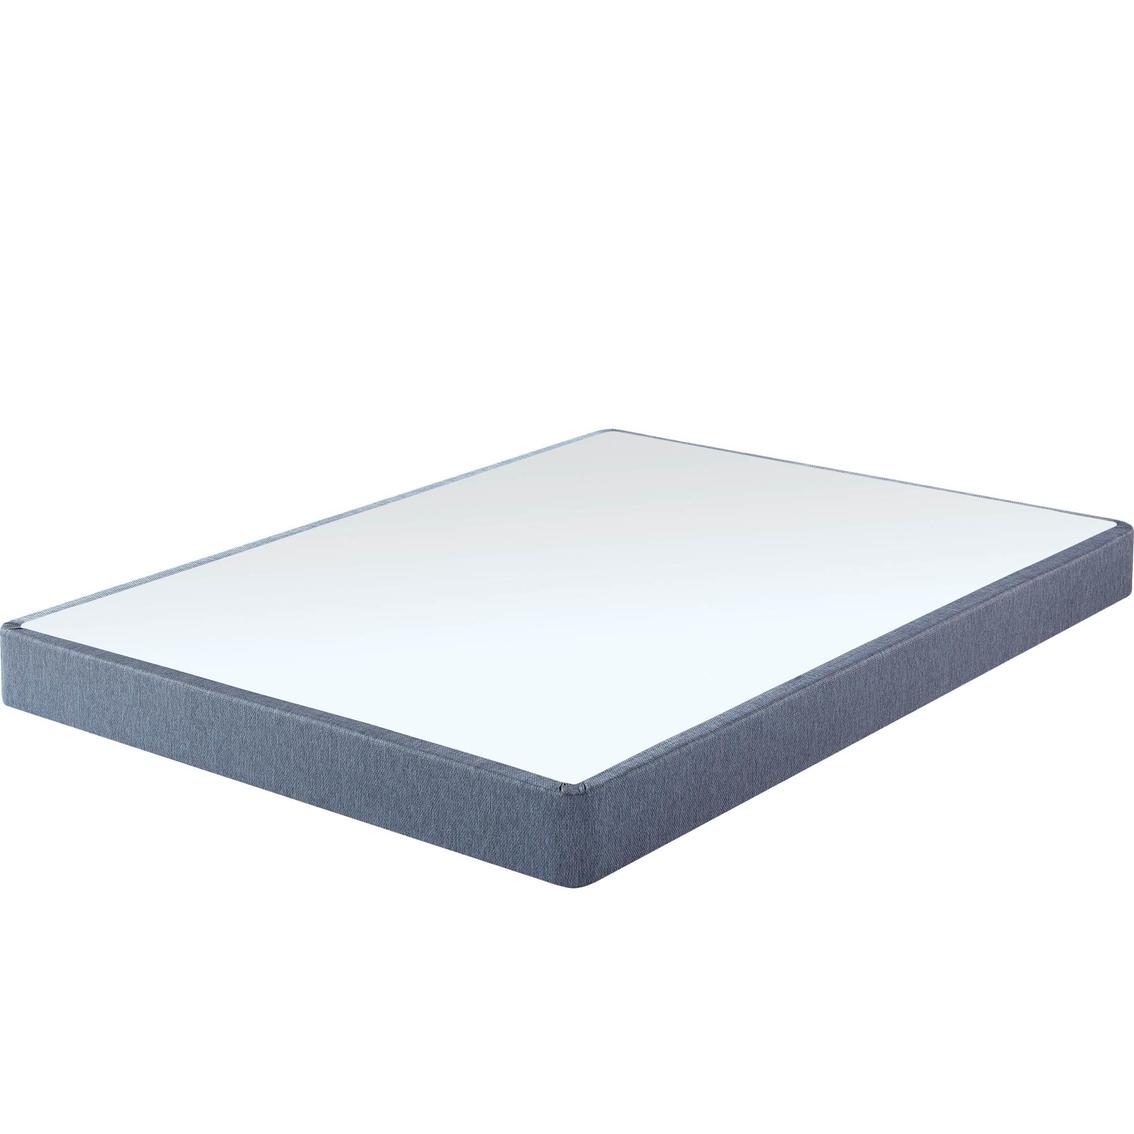 box spring low profile vs regular bruin blog. Black Bedroom Furniture Sets. Home Design Ideas